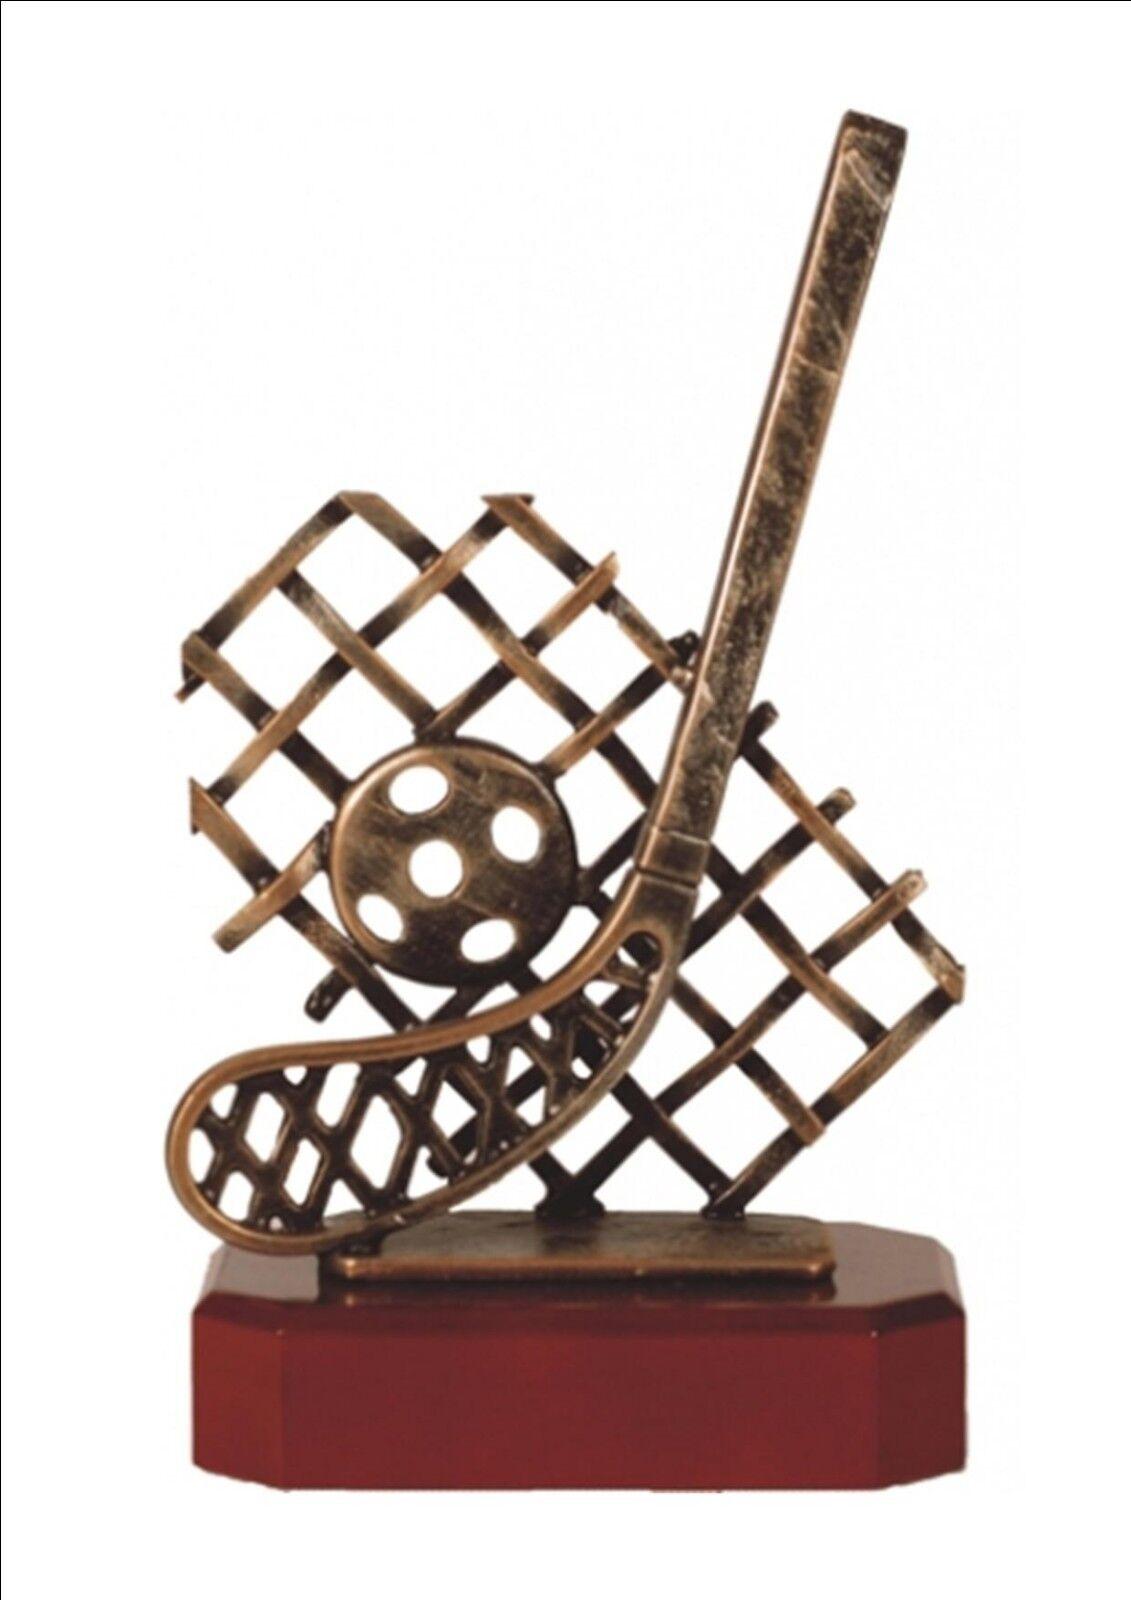 LACROSSE TROPHY CAST METAL & HARDWOOD TROPHY WINNER FREE ENGRAVING